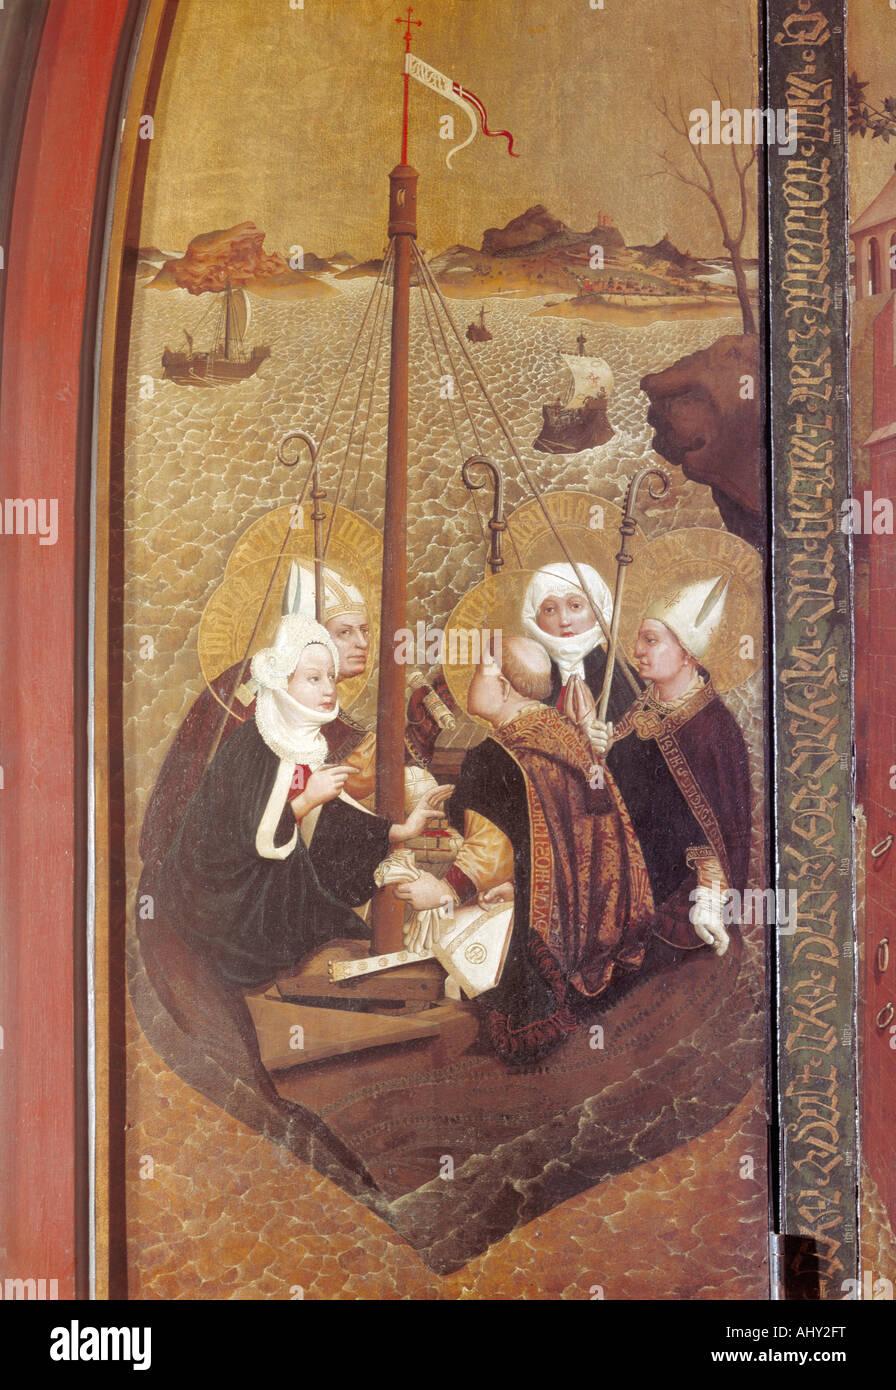 Belle arti, Moser, Lucas (um 1390 - 1434), pittura, mare giro dei santi, 1431, l'altare di Santa Maddalena, Immagini Stock